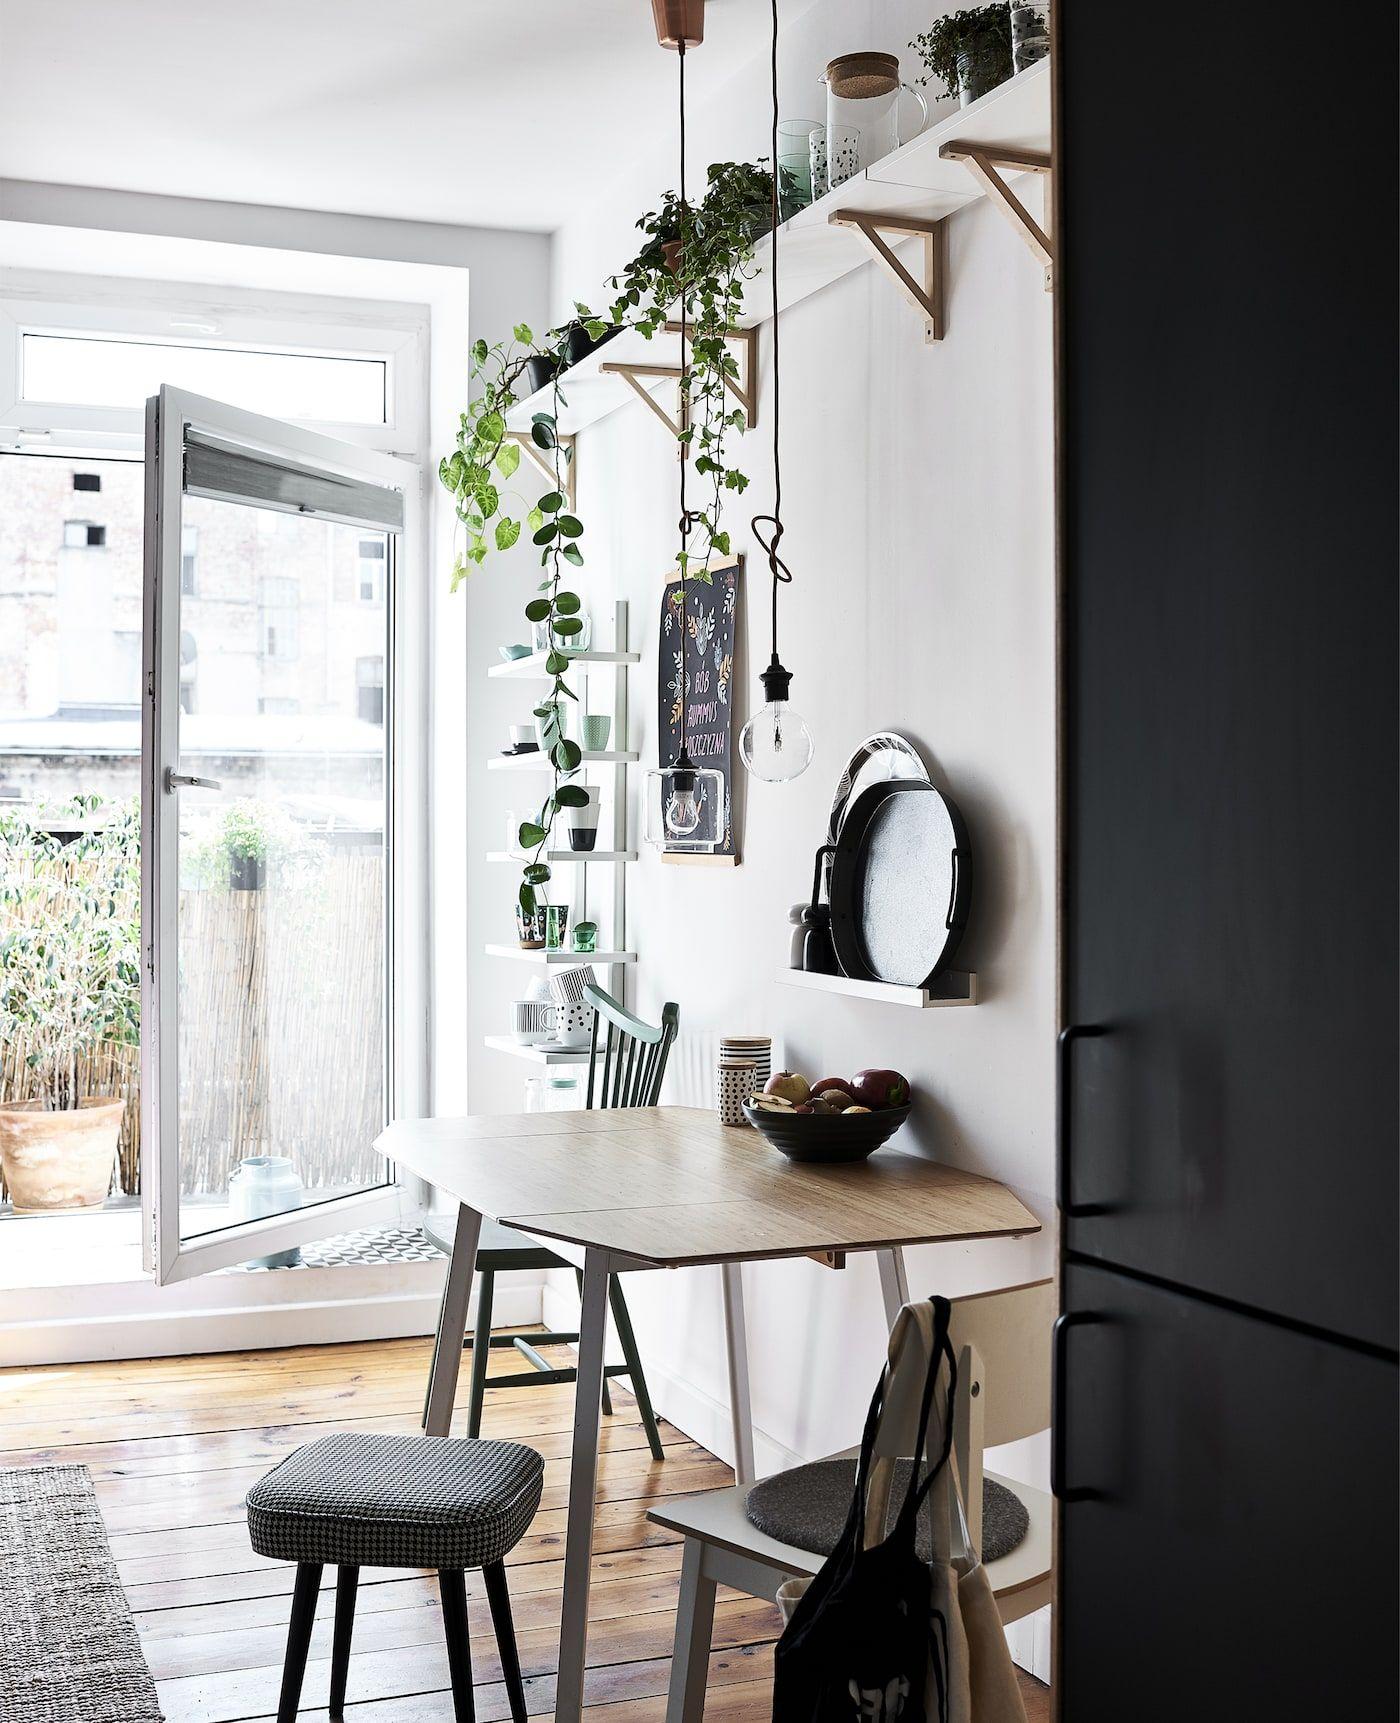 Haus außentor design wohlfühlzuhause auf diese dinge kommt es an  stuff  pinterest